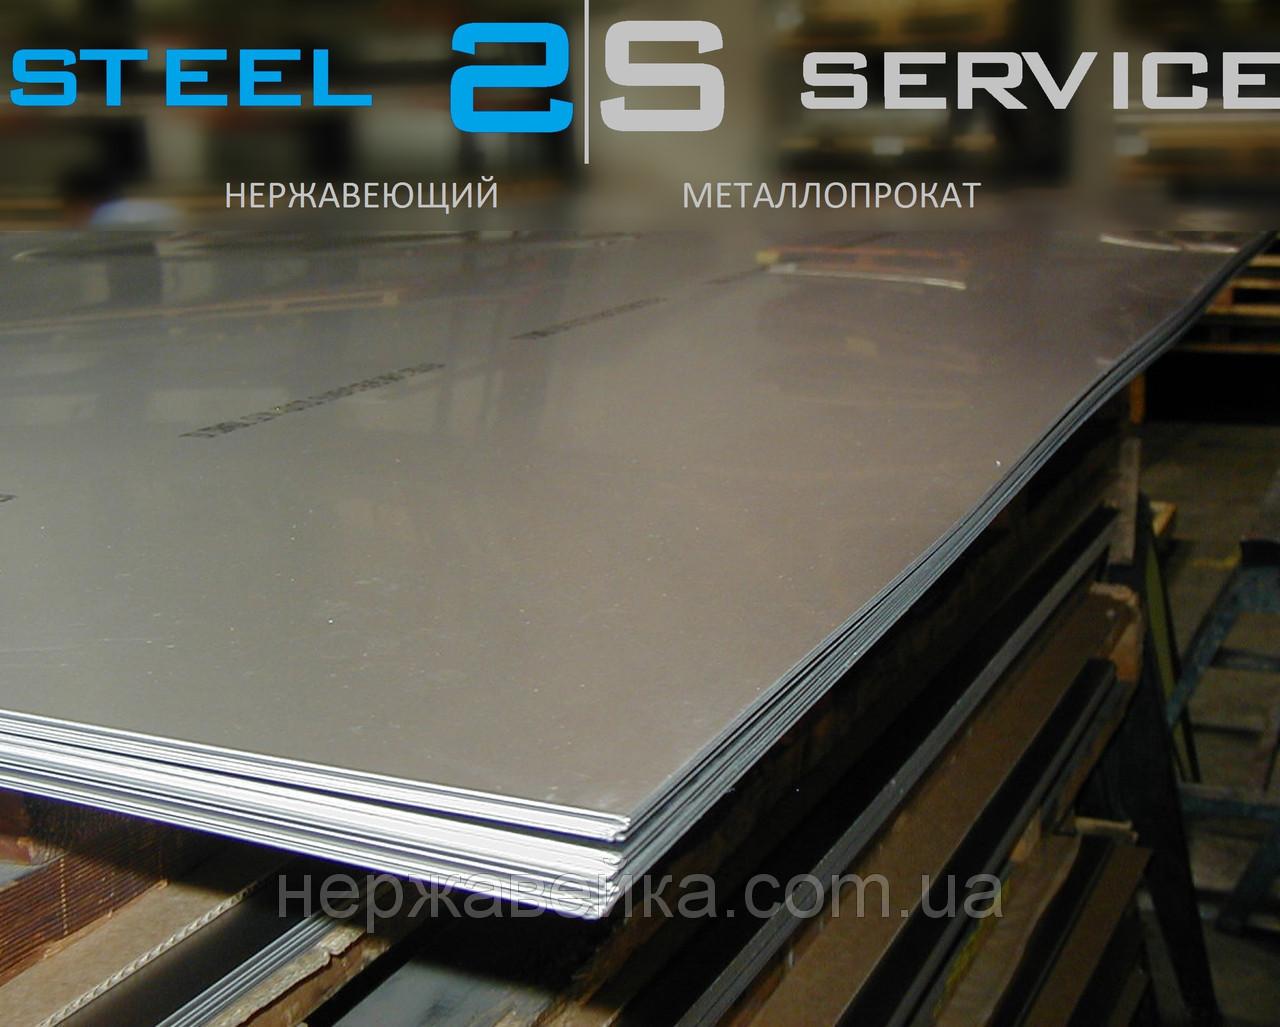 Нержавеющий лист 1х1250х2500мм  AISI 309(20Х23Н13, 20Х20Н14С2) 2B - матовый,  жаропрочный